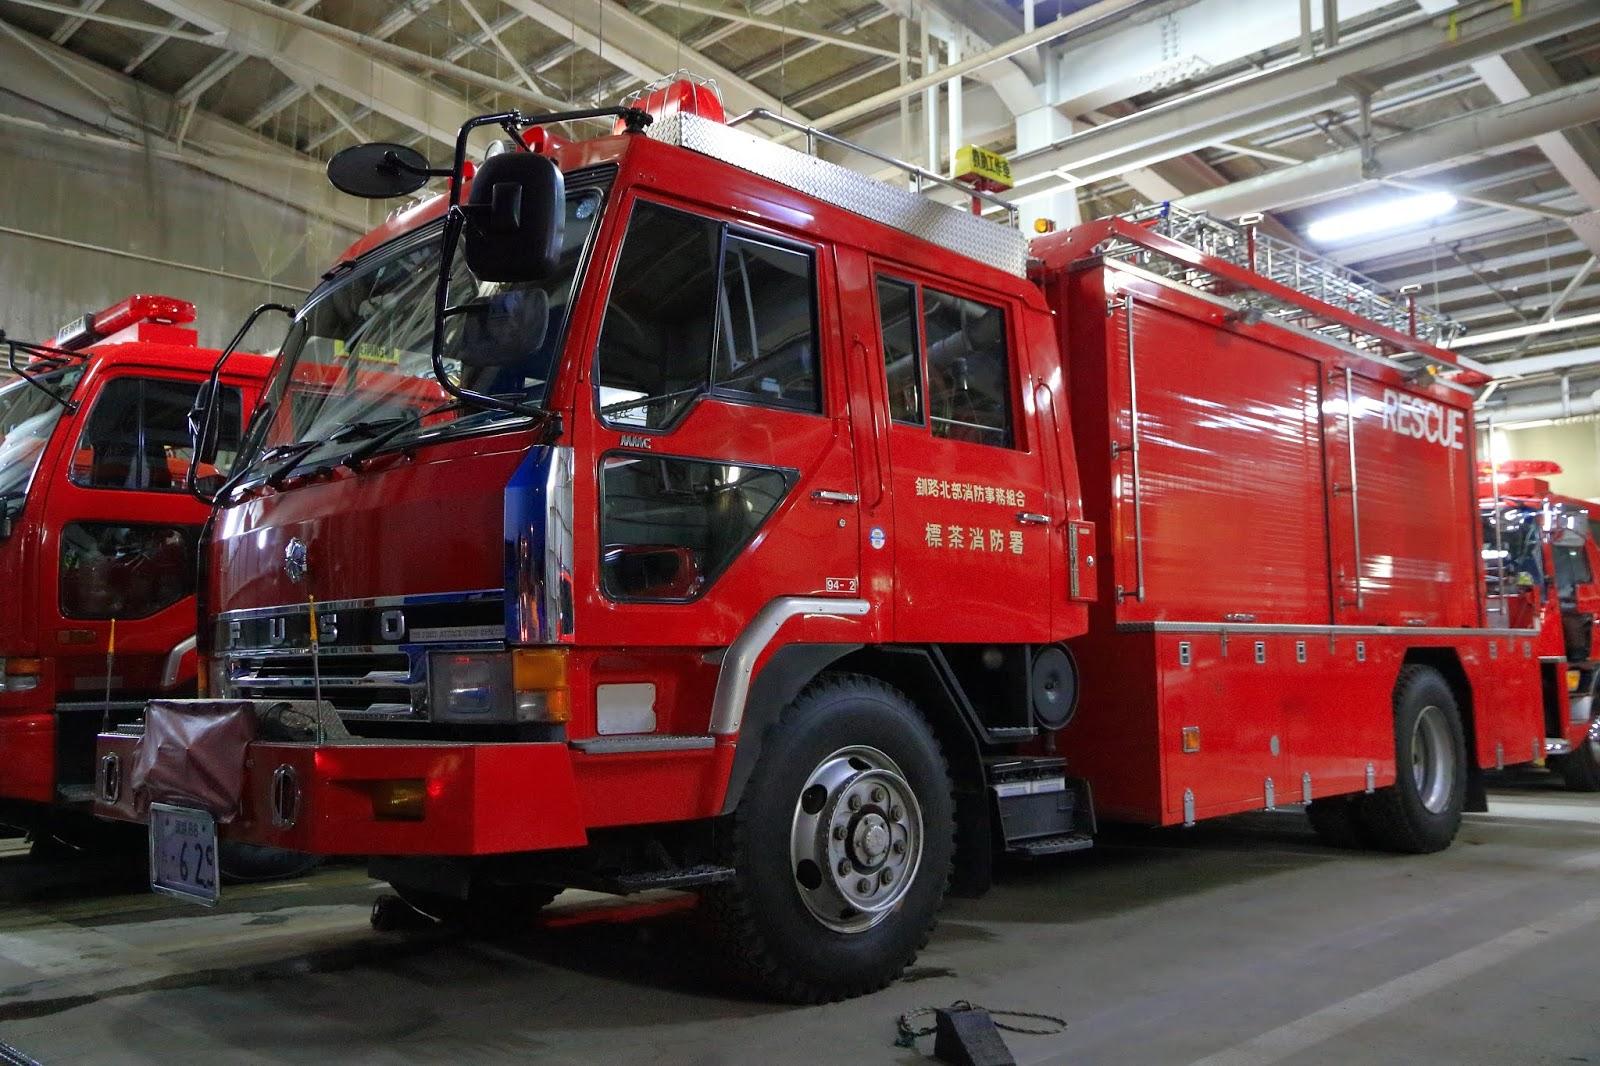 釧路北部消防事務組合標茶消防署